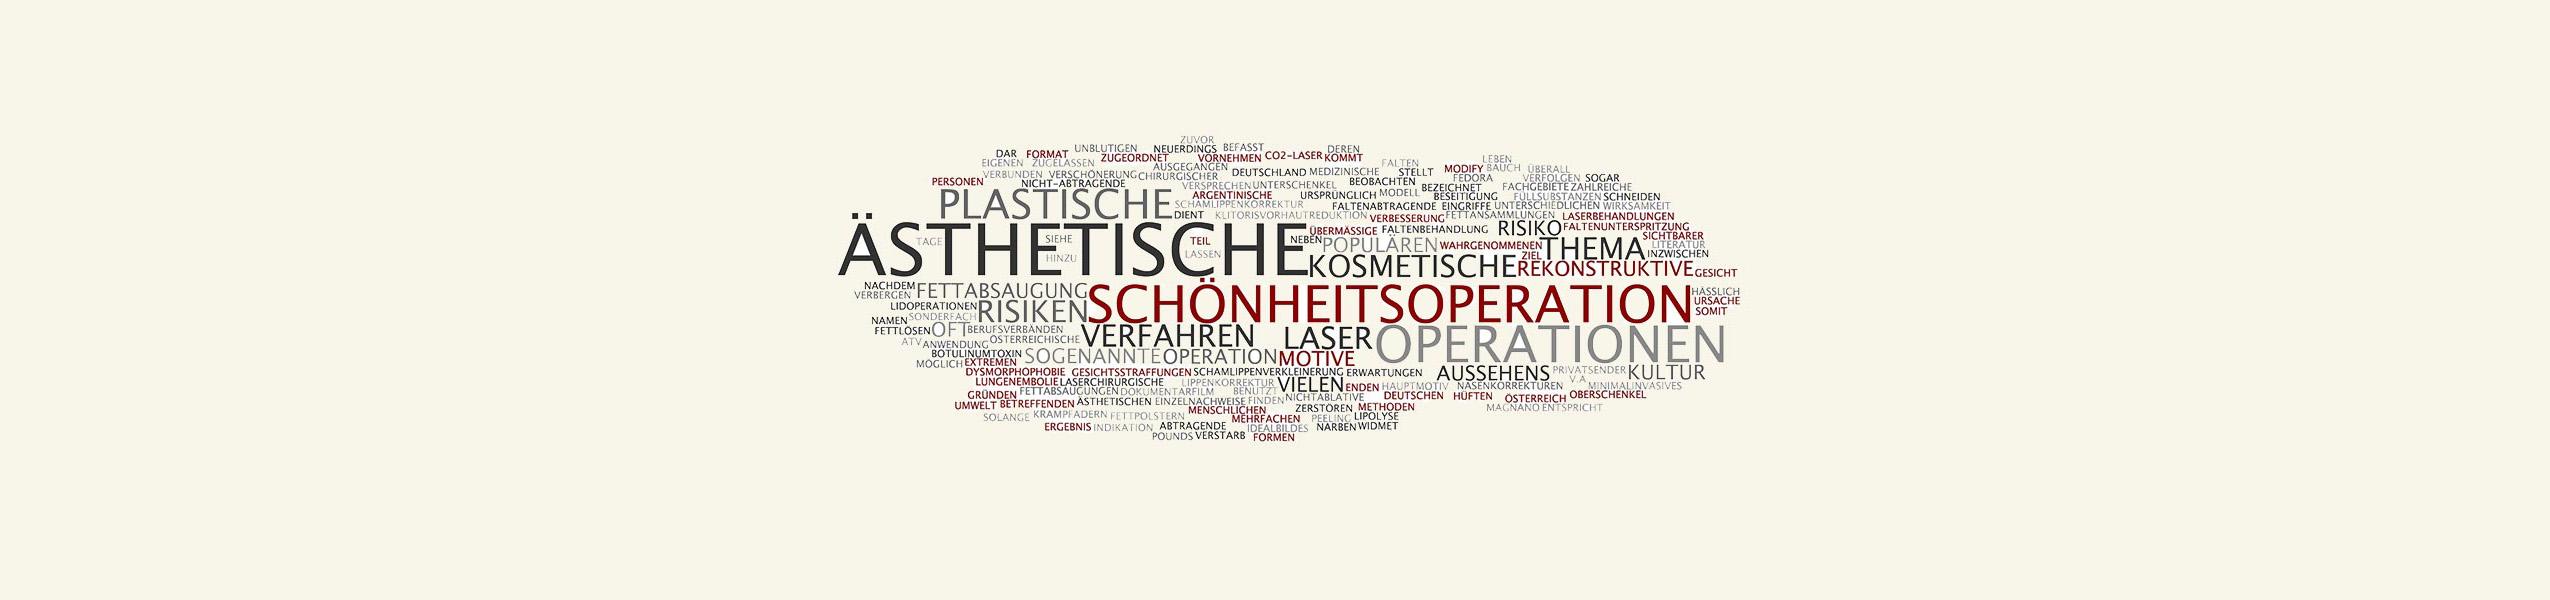 Brustvergrößerung Köln Schönheitschirurgie Brust OP Kosten